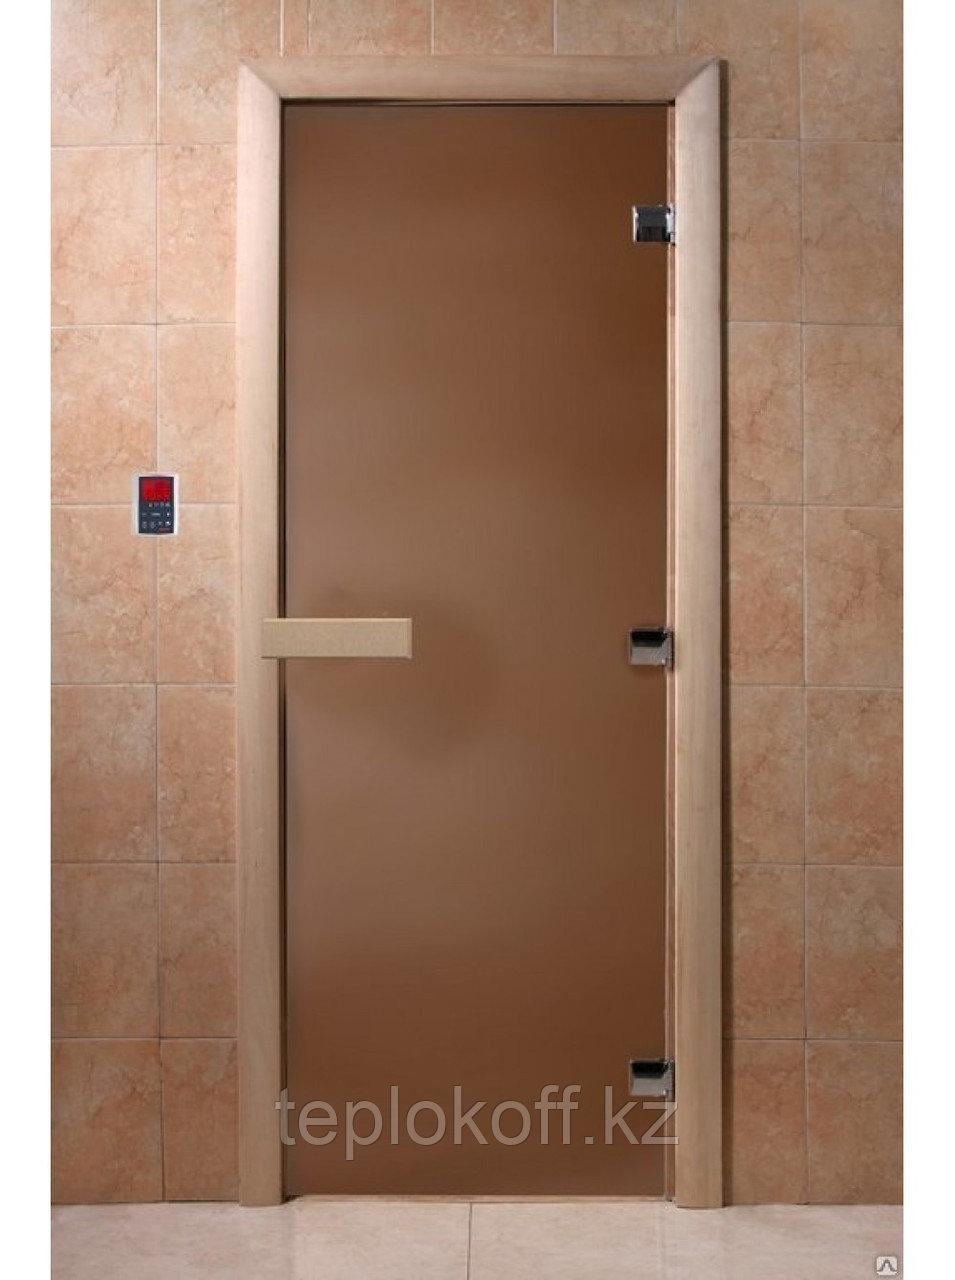 Дверь стеклянная DoorWood (стекло бронза матовое 8 мм, 3 петли, коробка листва) 2000*800 мм